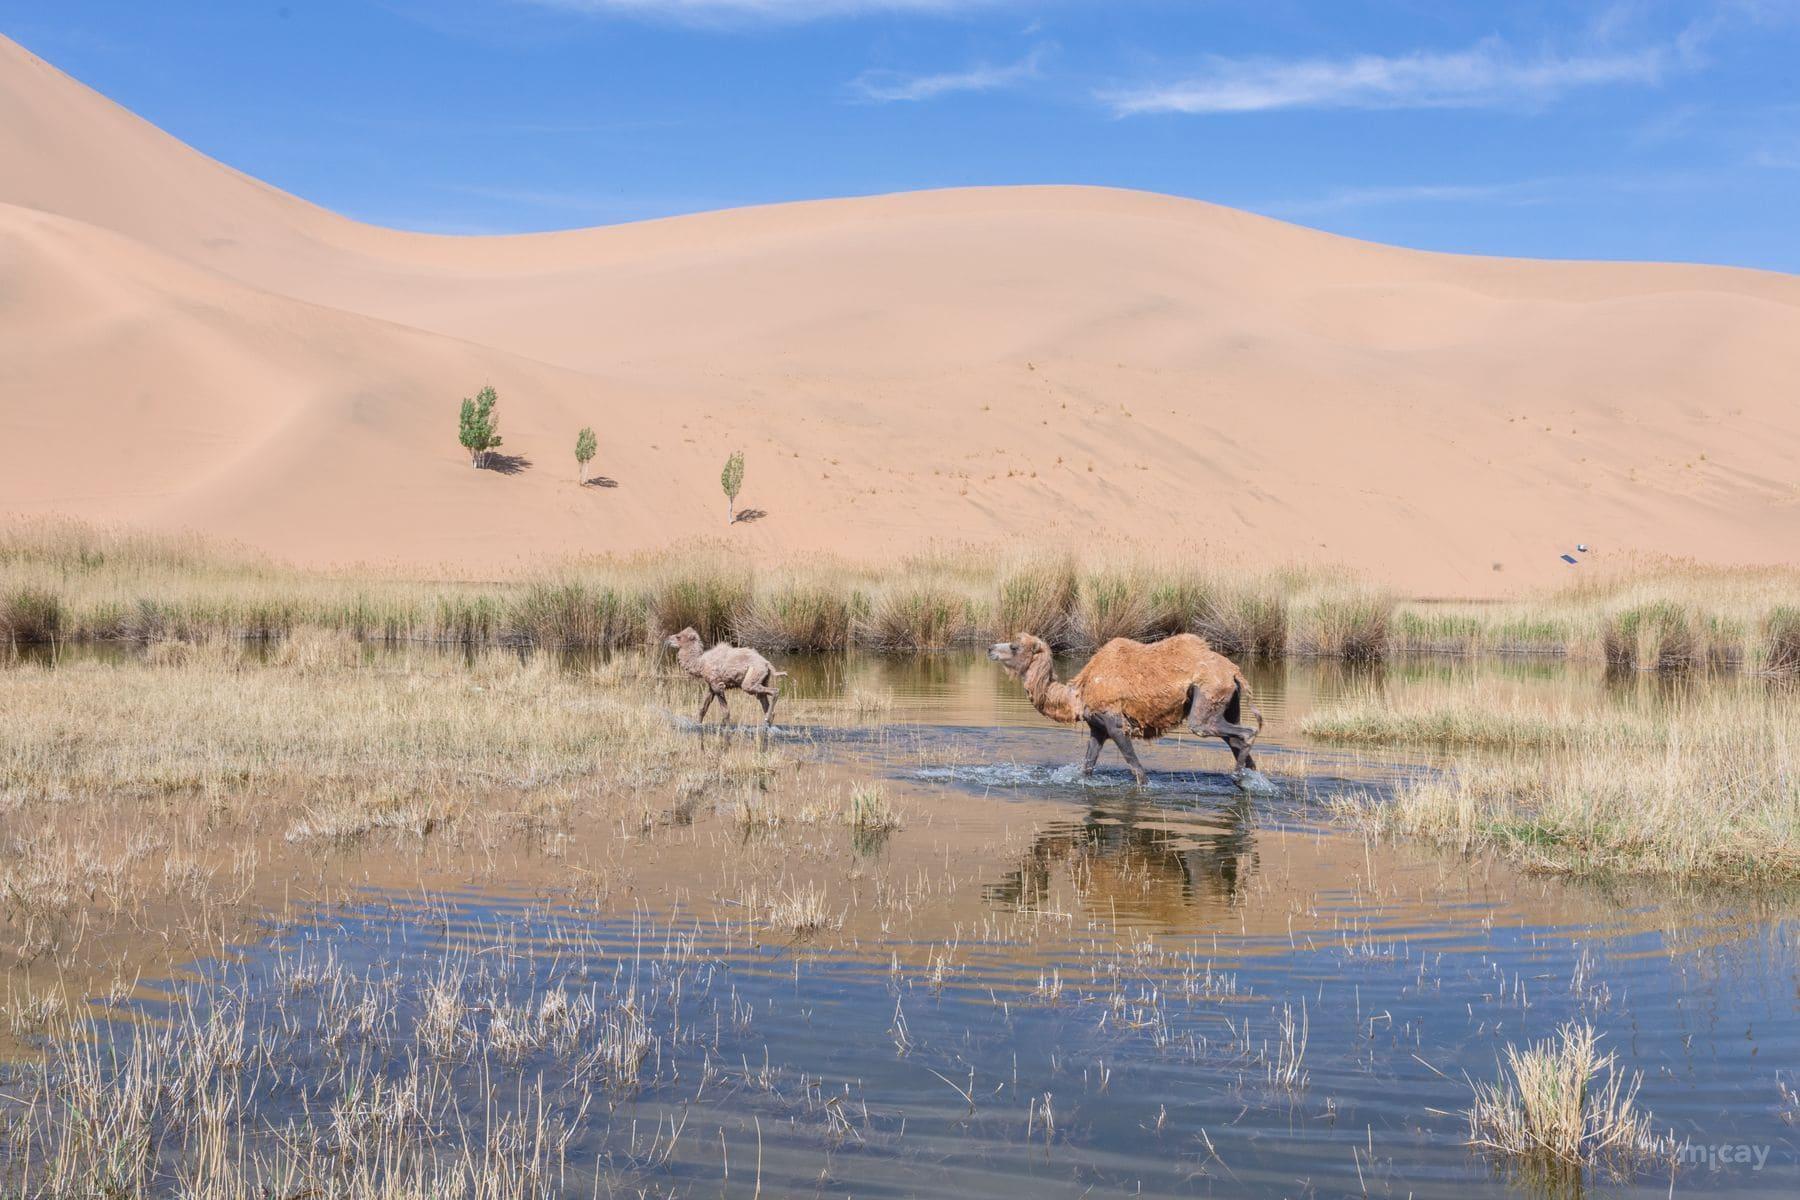 MichelAycaguer-Chine-Desert-BadainJaran-Dunes-Chameaux-MongolieInterieure-2